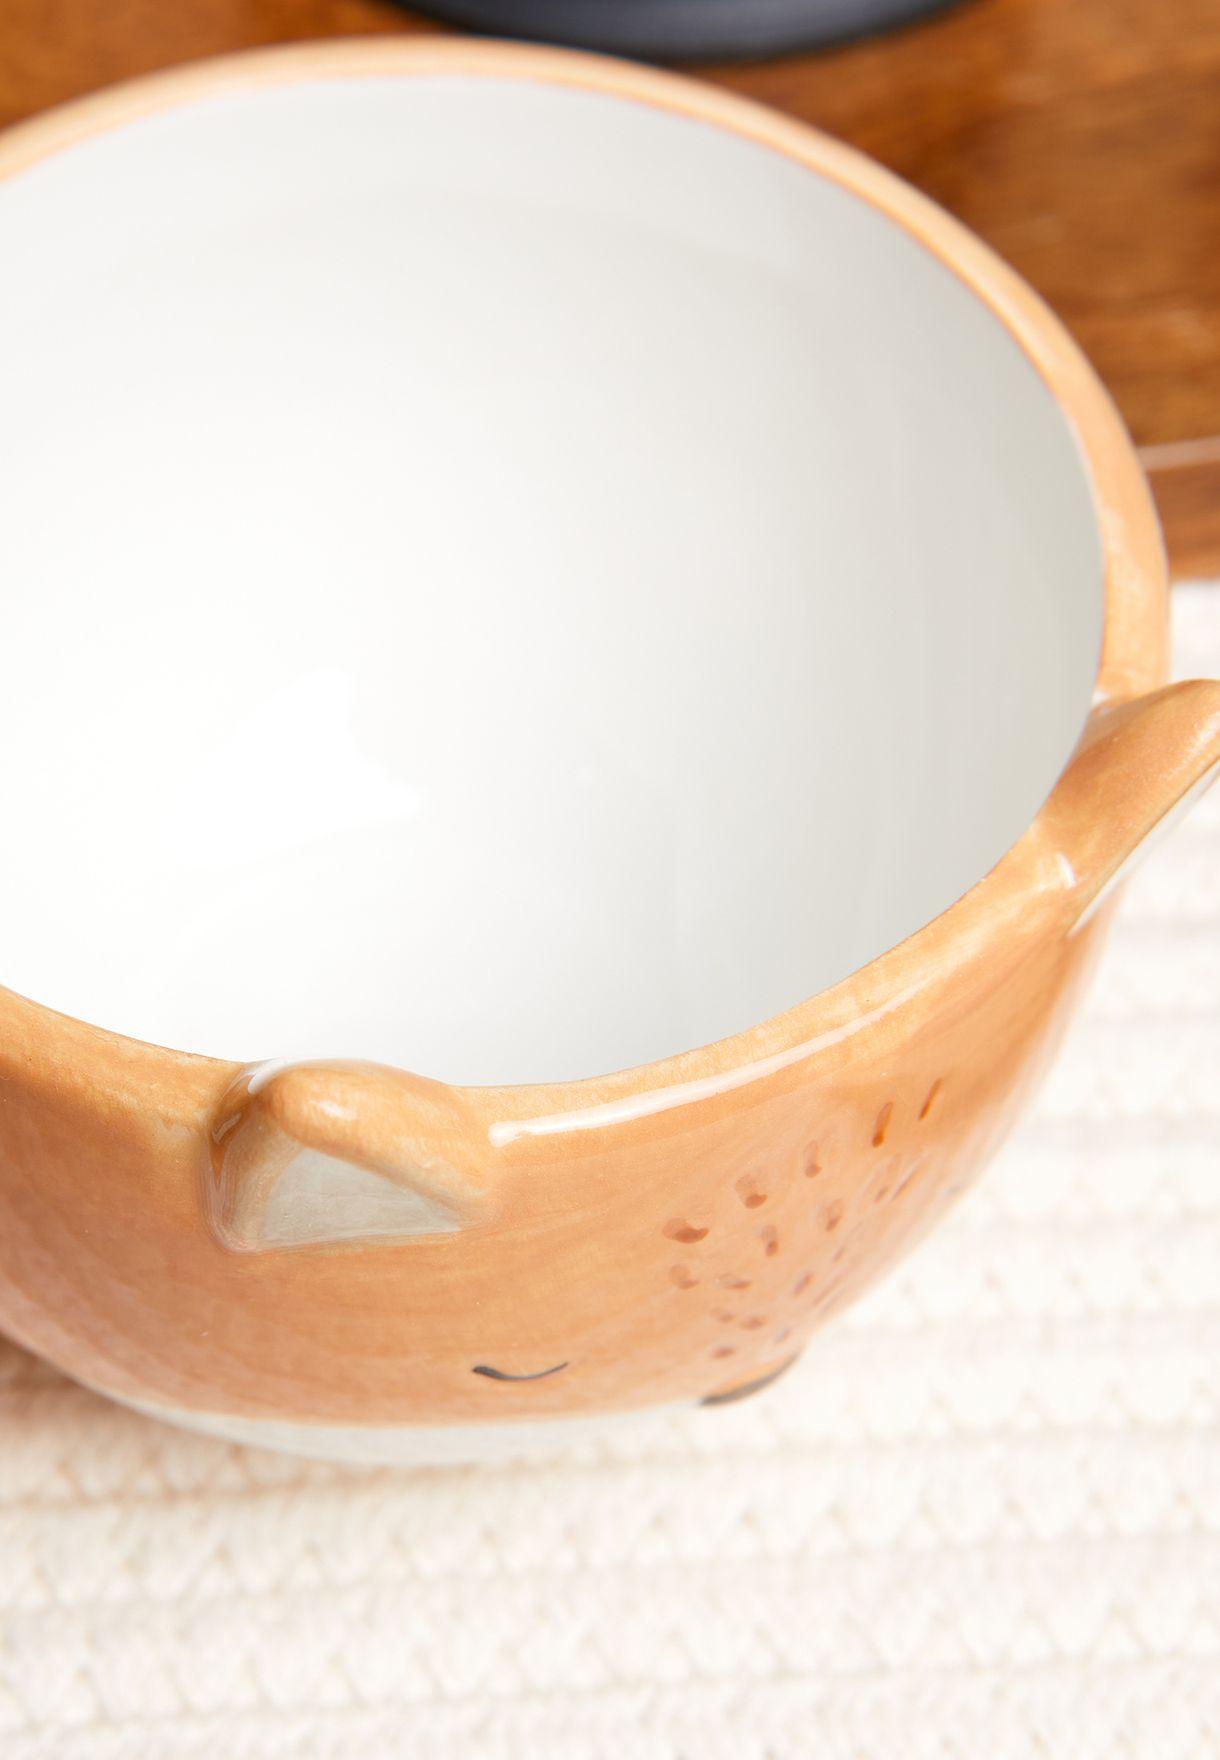 طقم فنجان وصحن مزين بشكل ثعلب